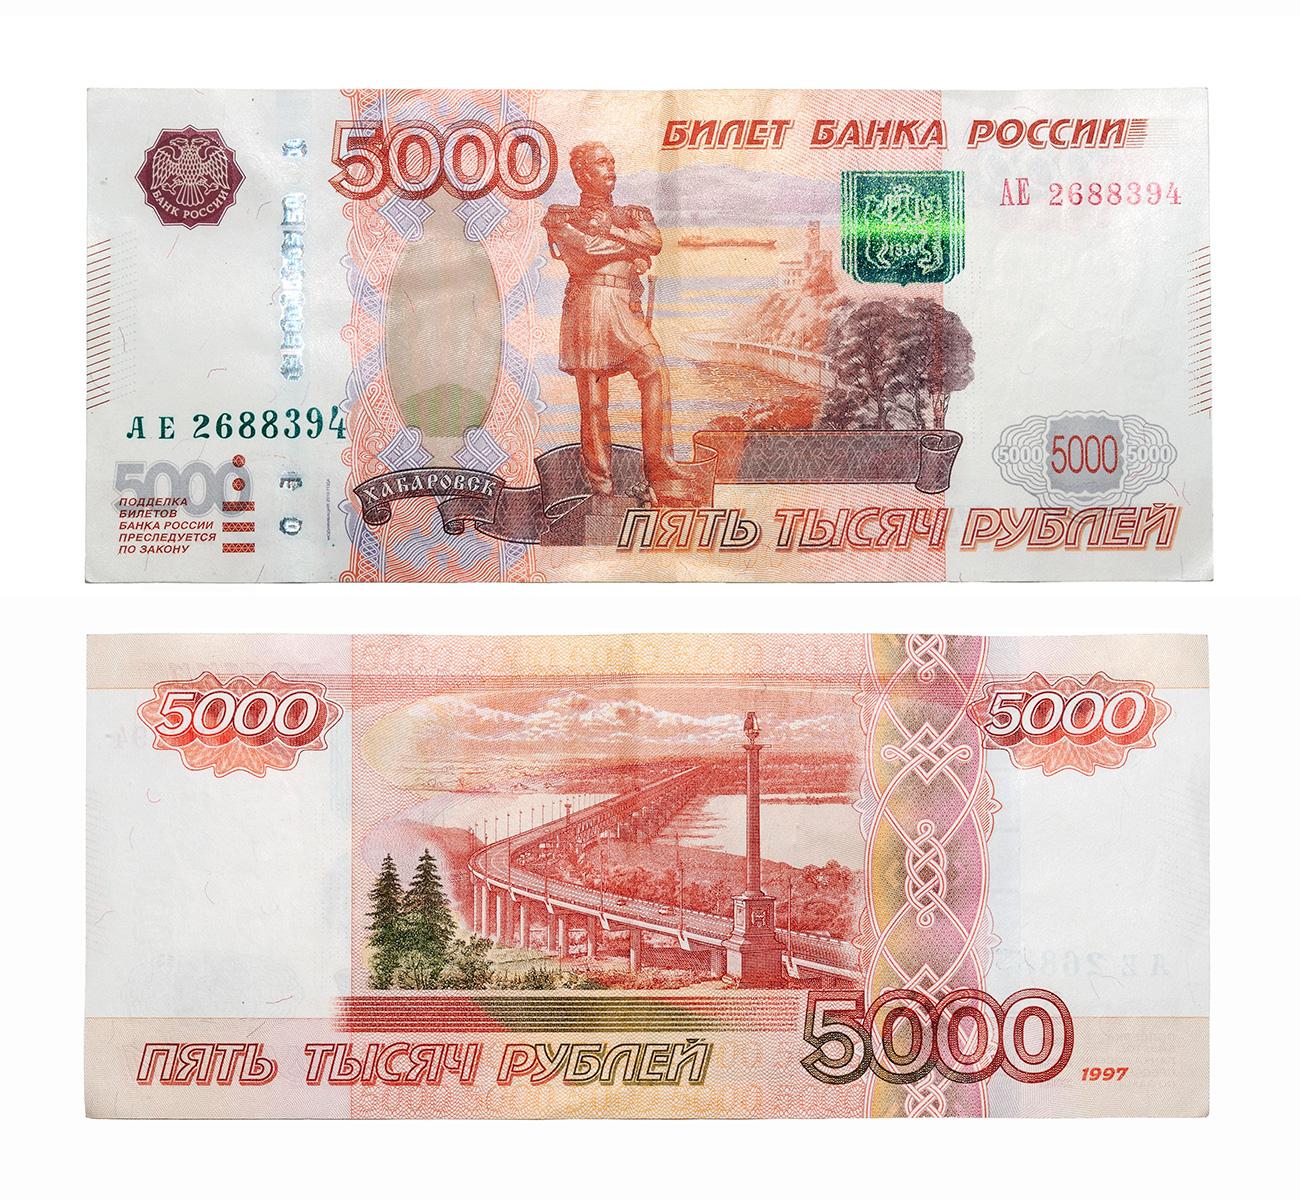 5000 rubljev / Global Look Press